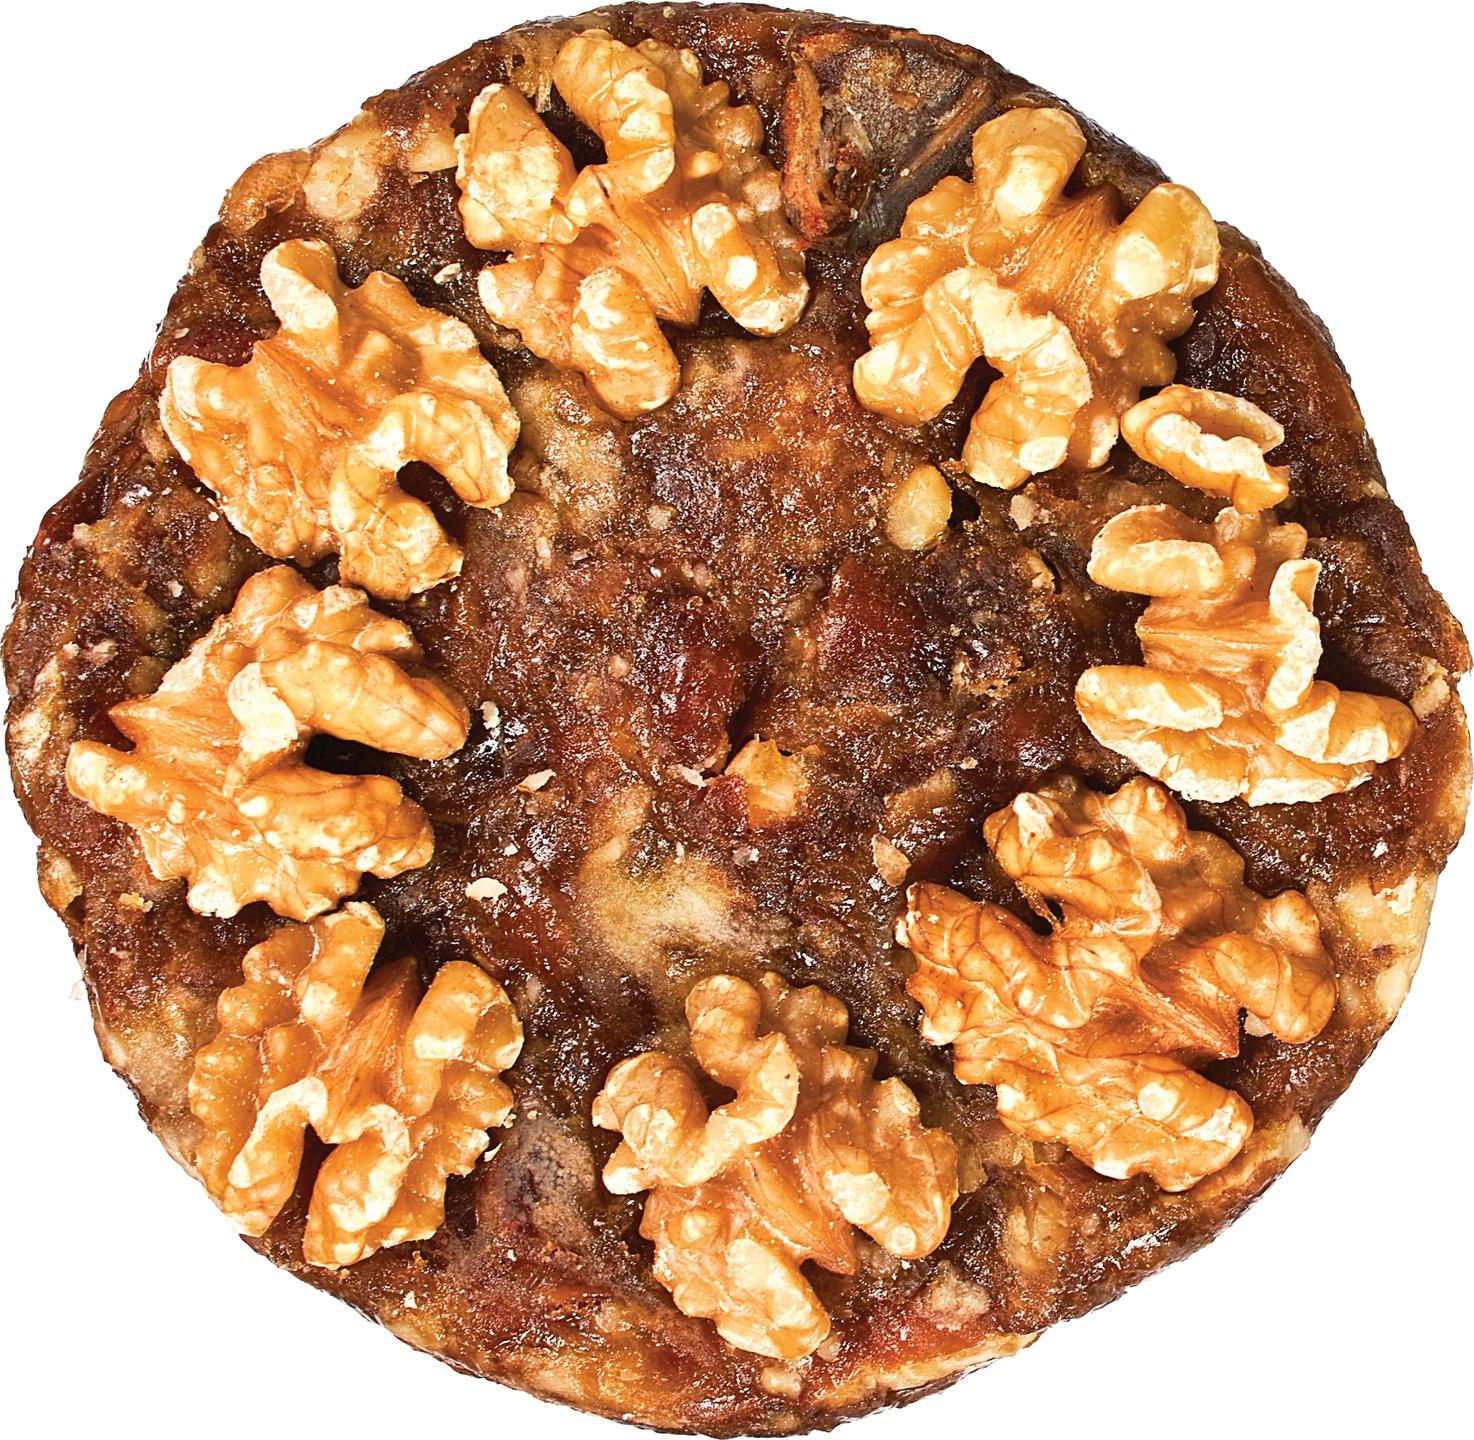 Biologische De Juan Dadelbrood met walnoot 200 gr